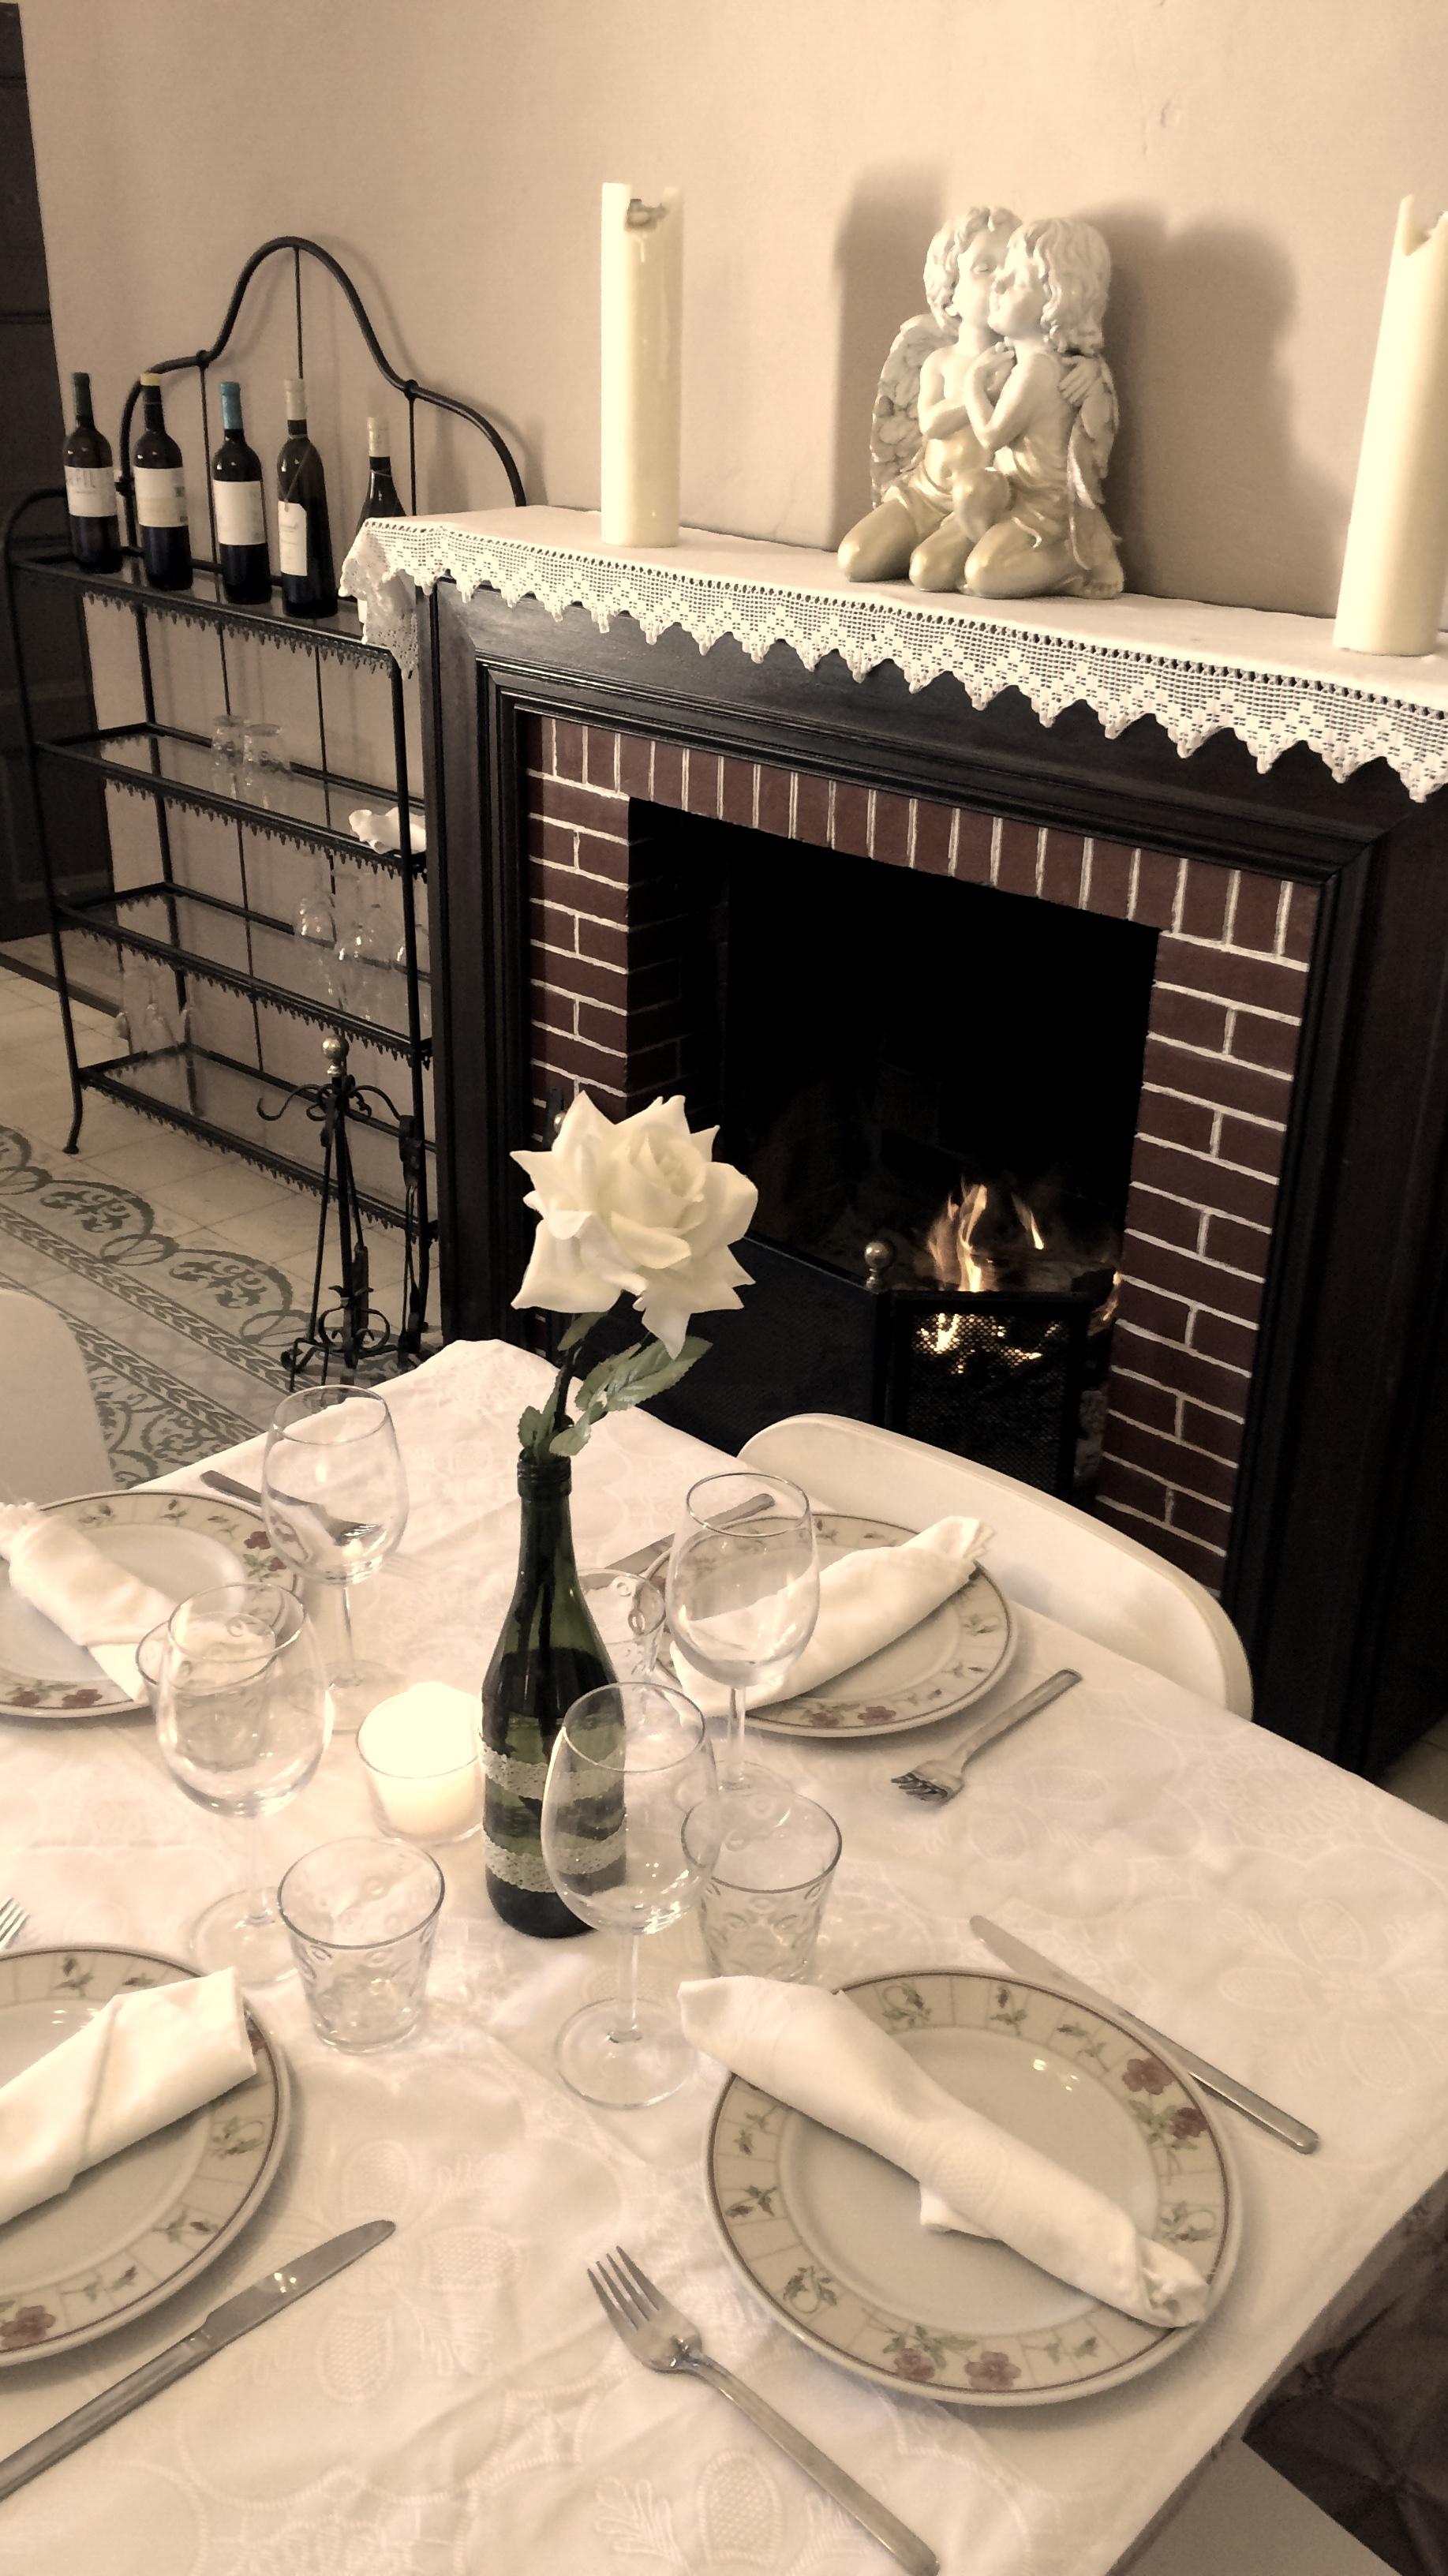 Museu dels Angels Restaurant & Hotel & Art Gallery